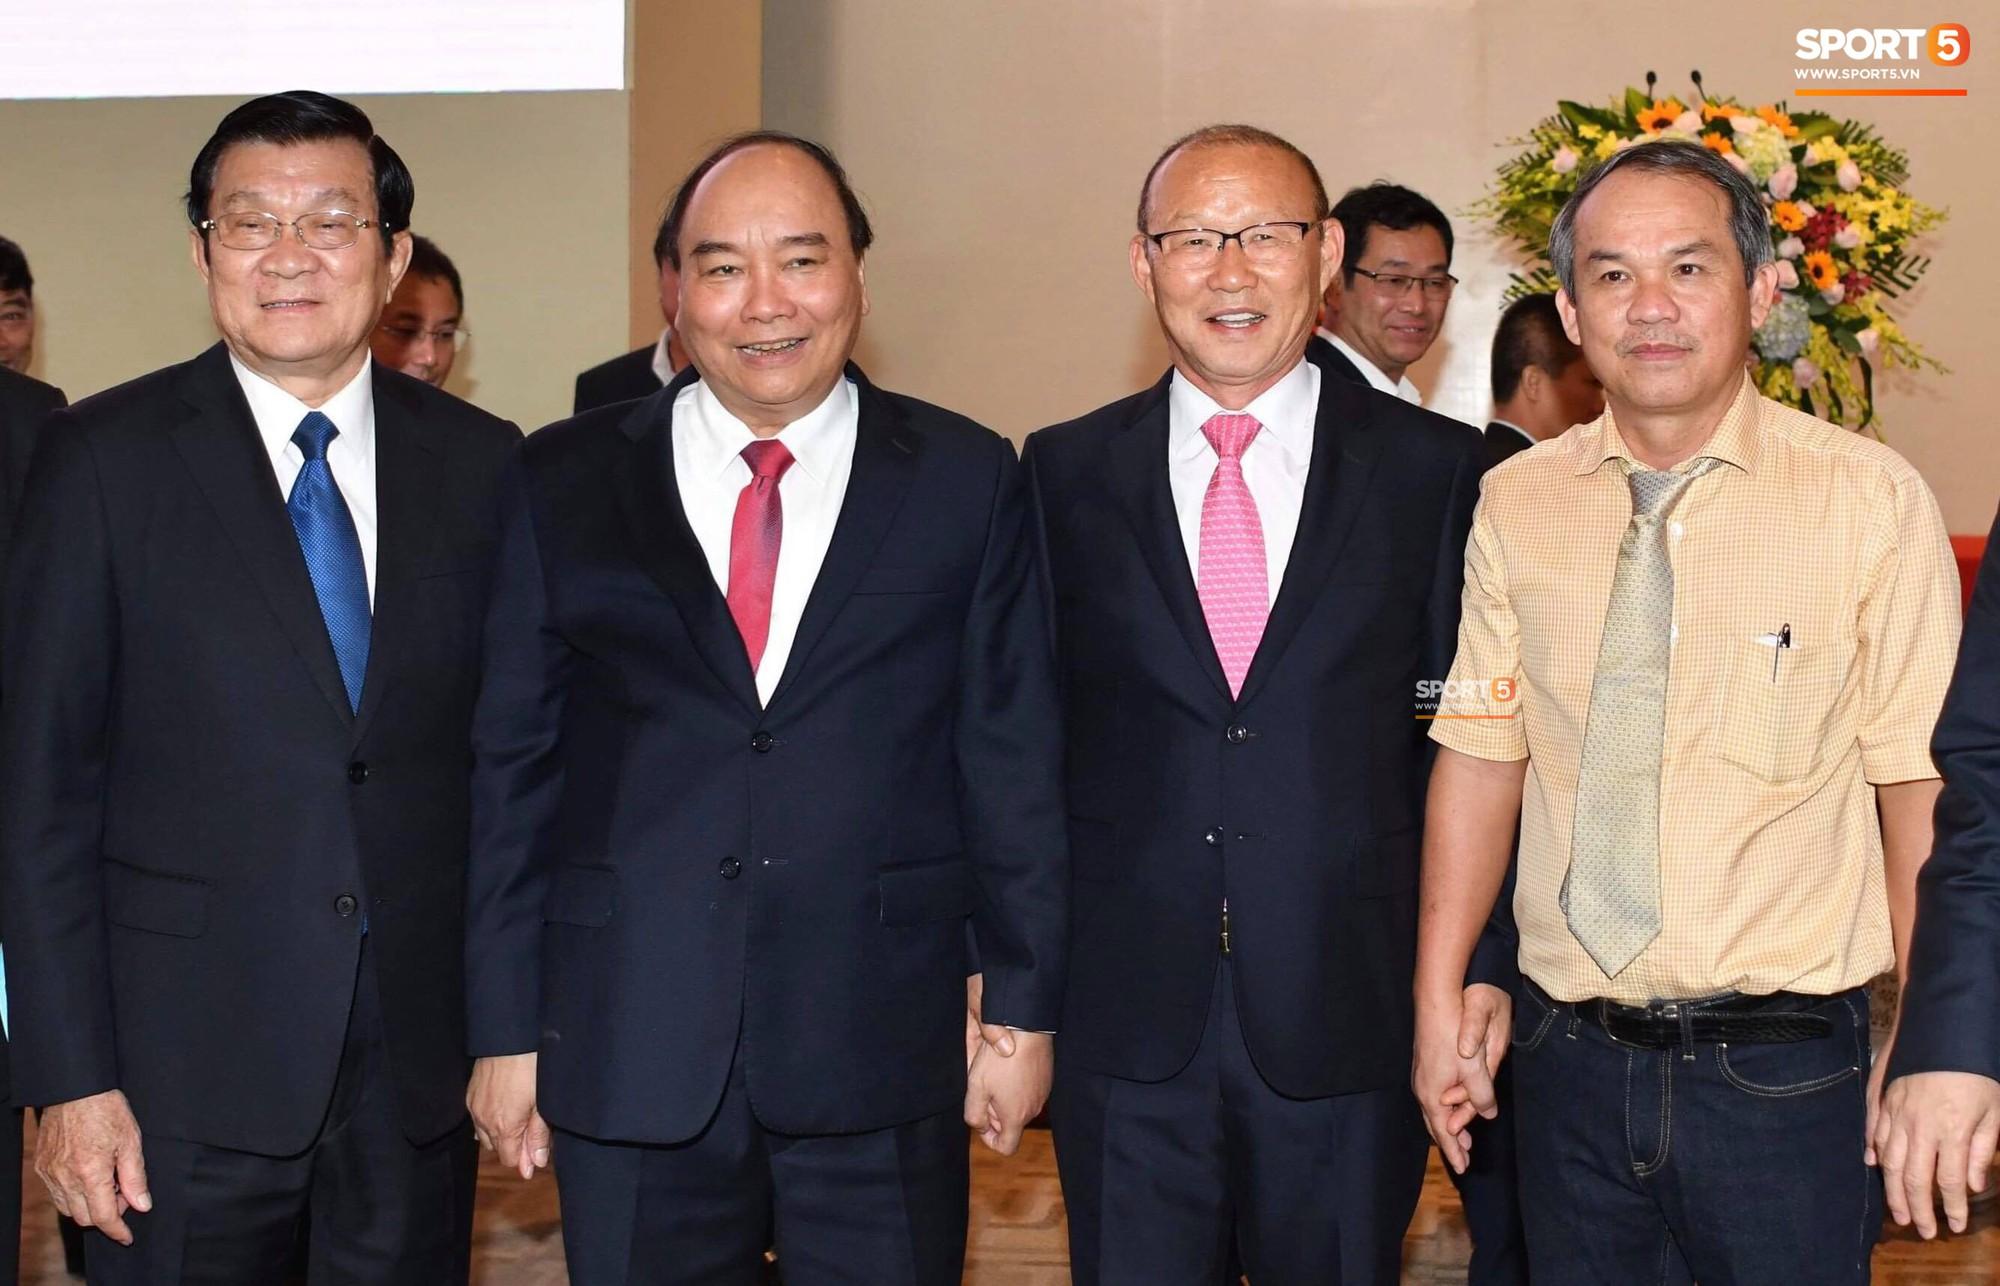 HLV Park Hang-seo nắm chặt tay bầu Đức, tuyên bố dùng 2,3 tỷ đồng tiền thưởng để làm từ thiện - Ảnh 1.